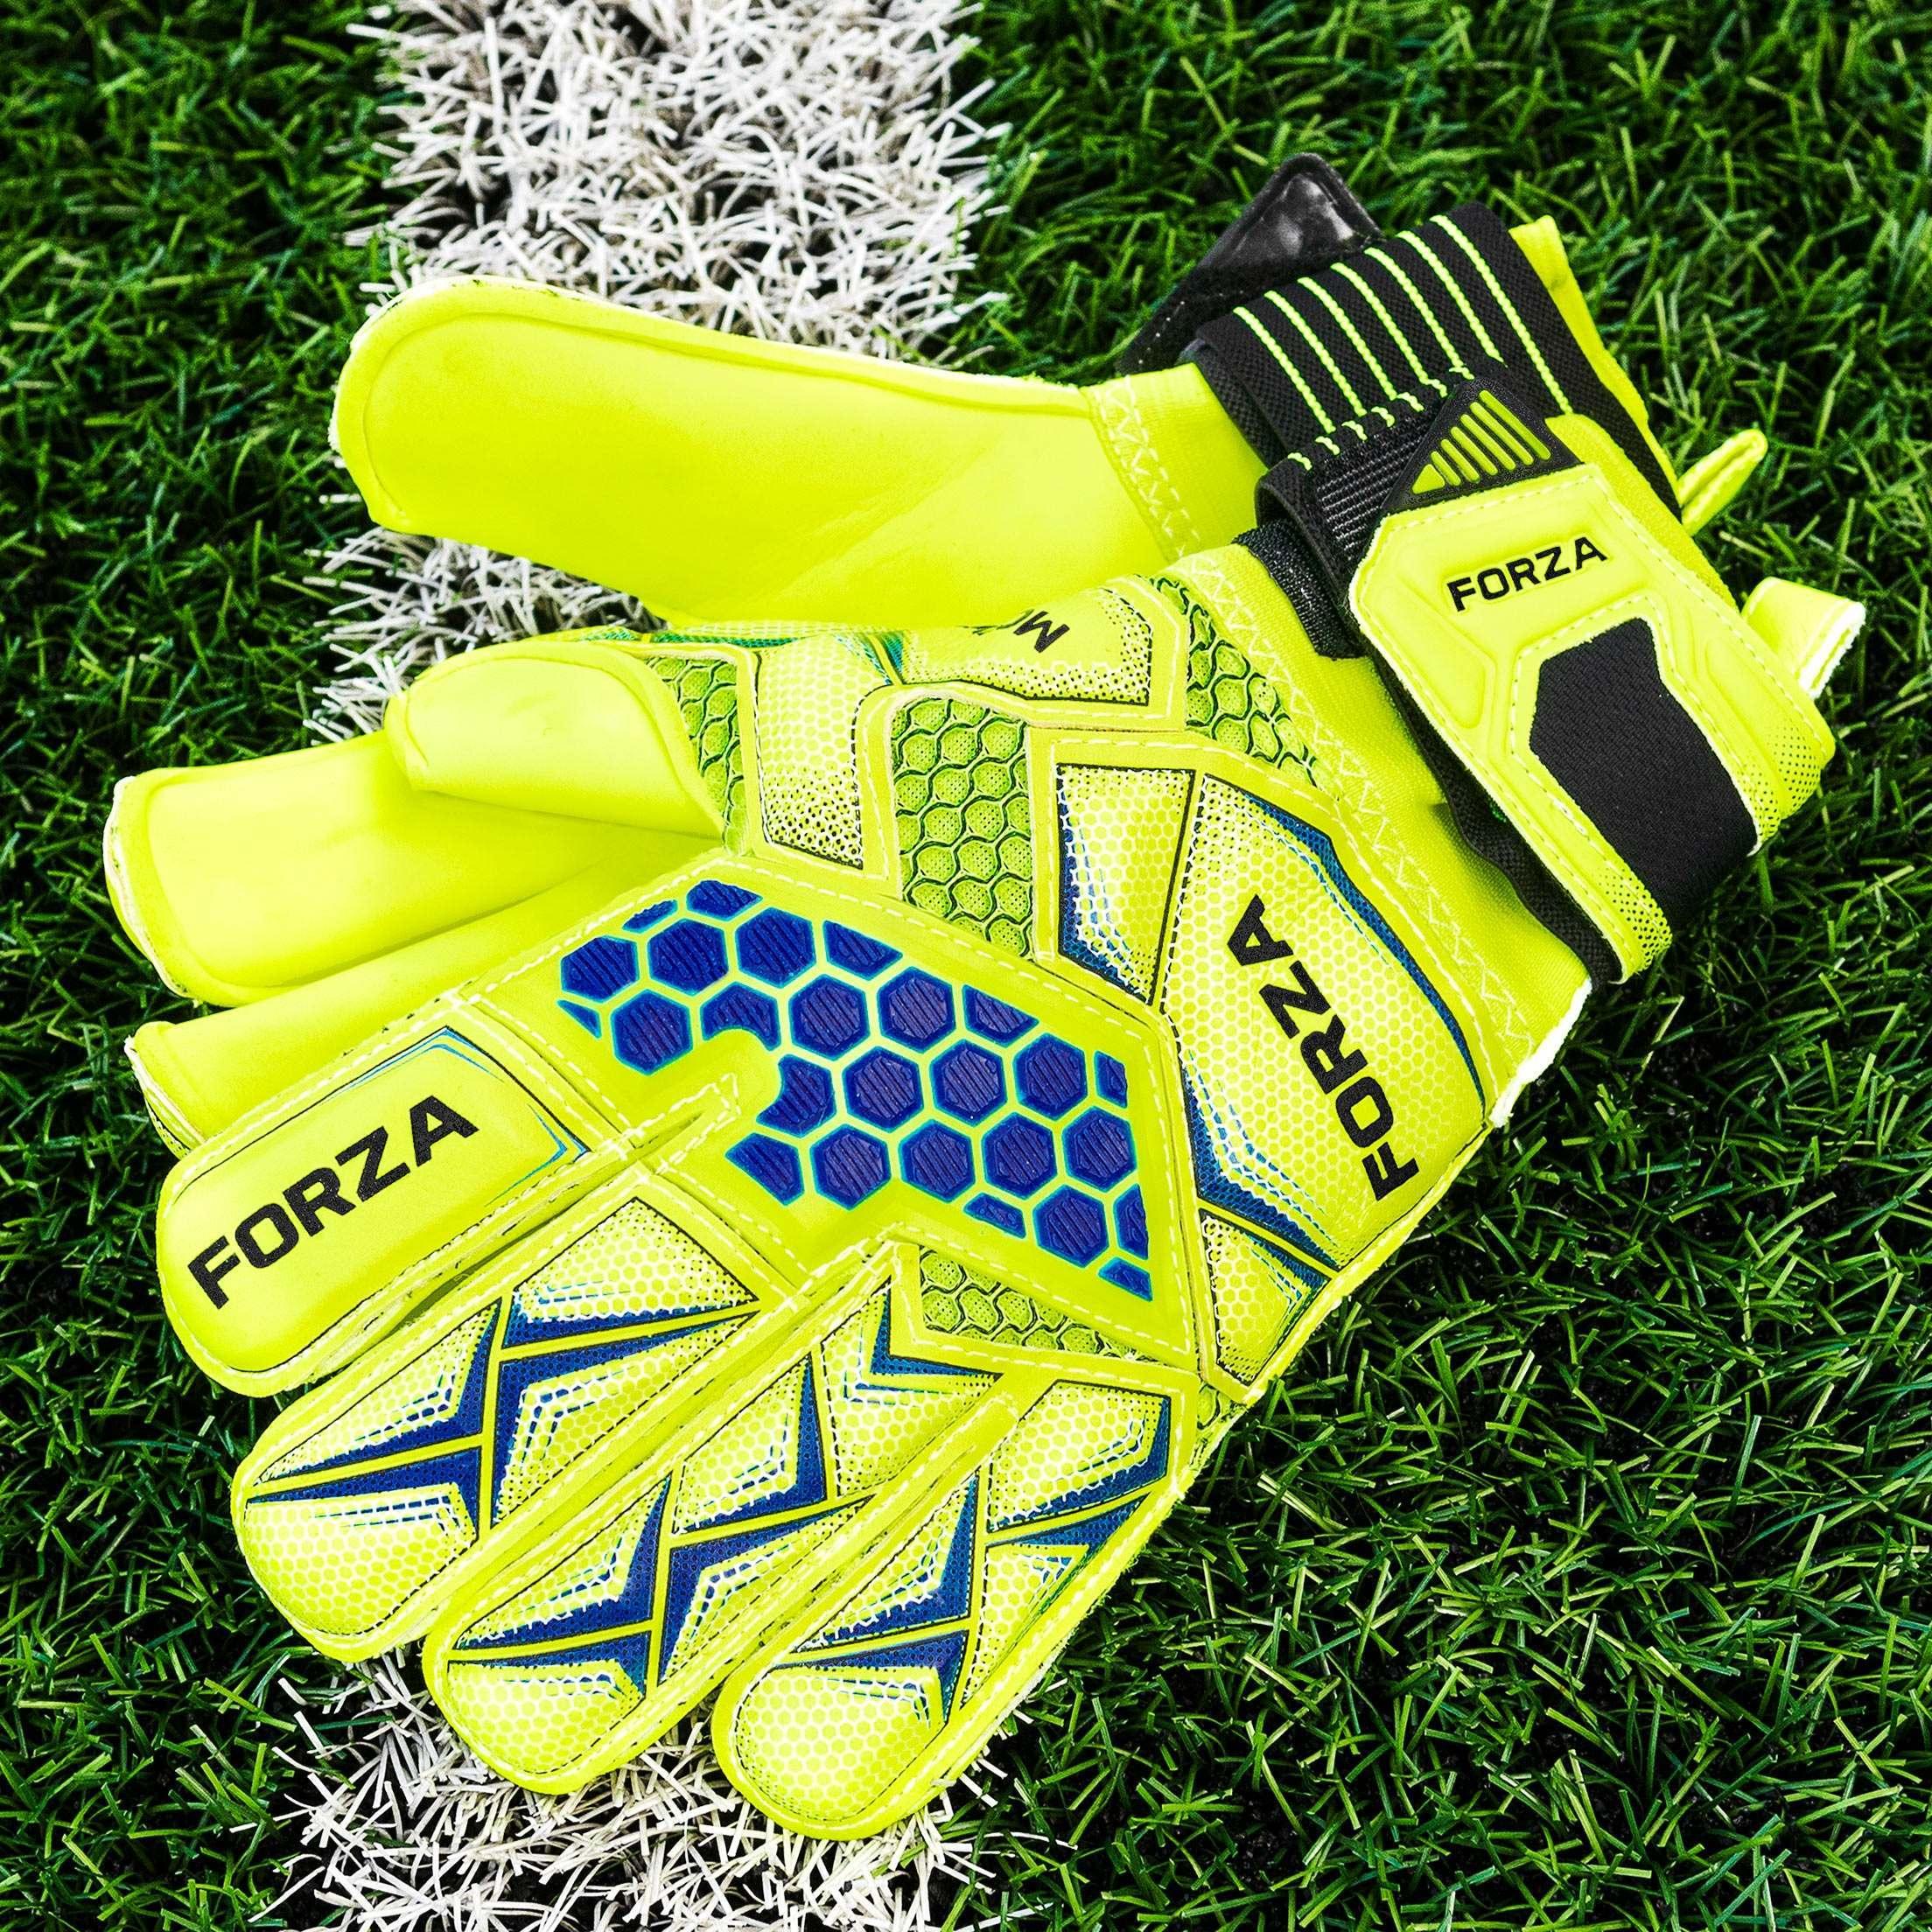 FORZA Mondo Goalkeeper Gloves - Size 7